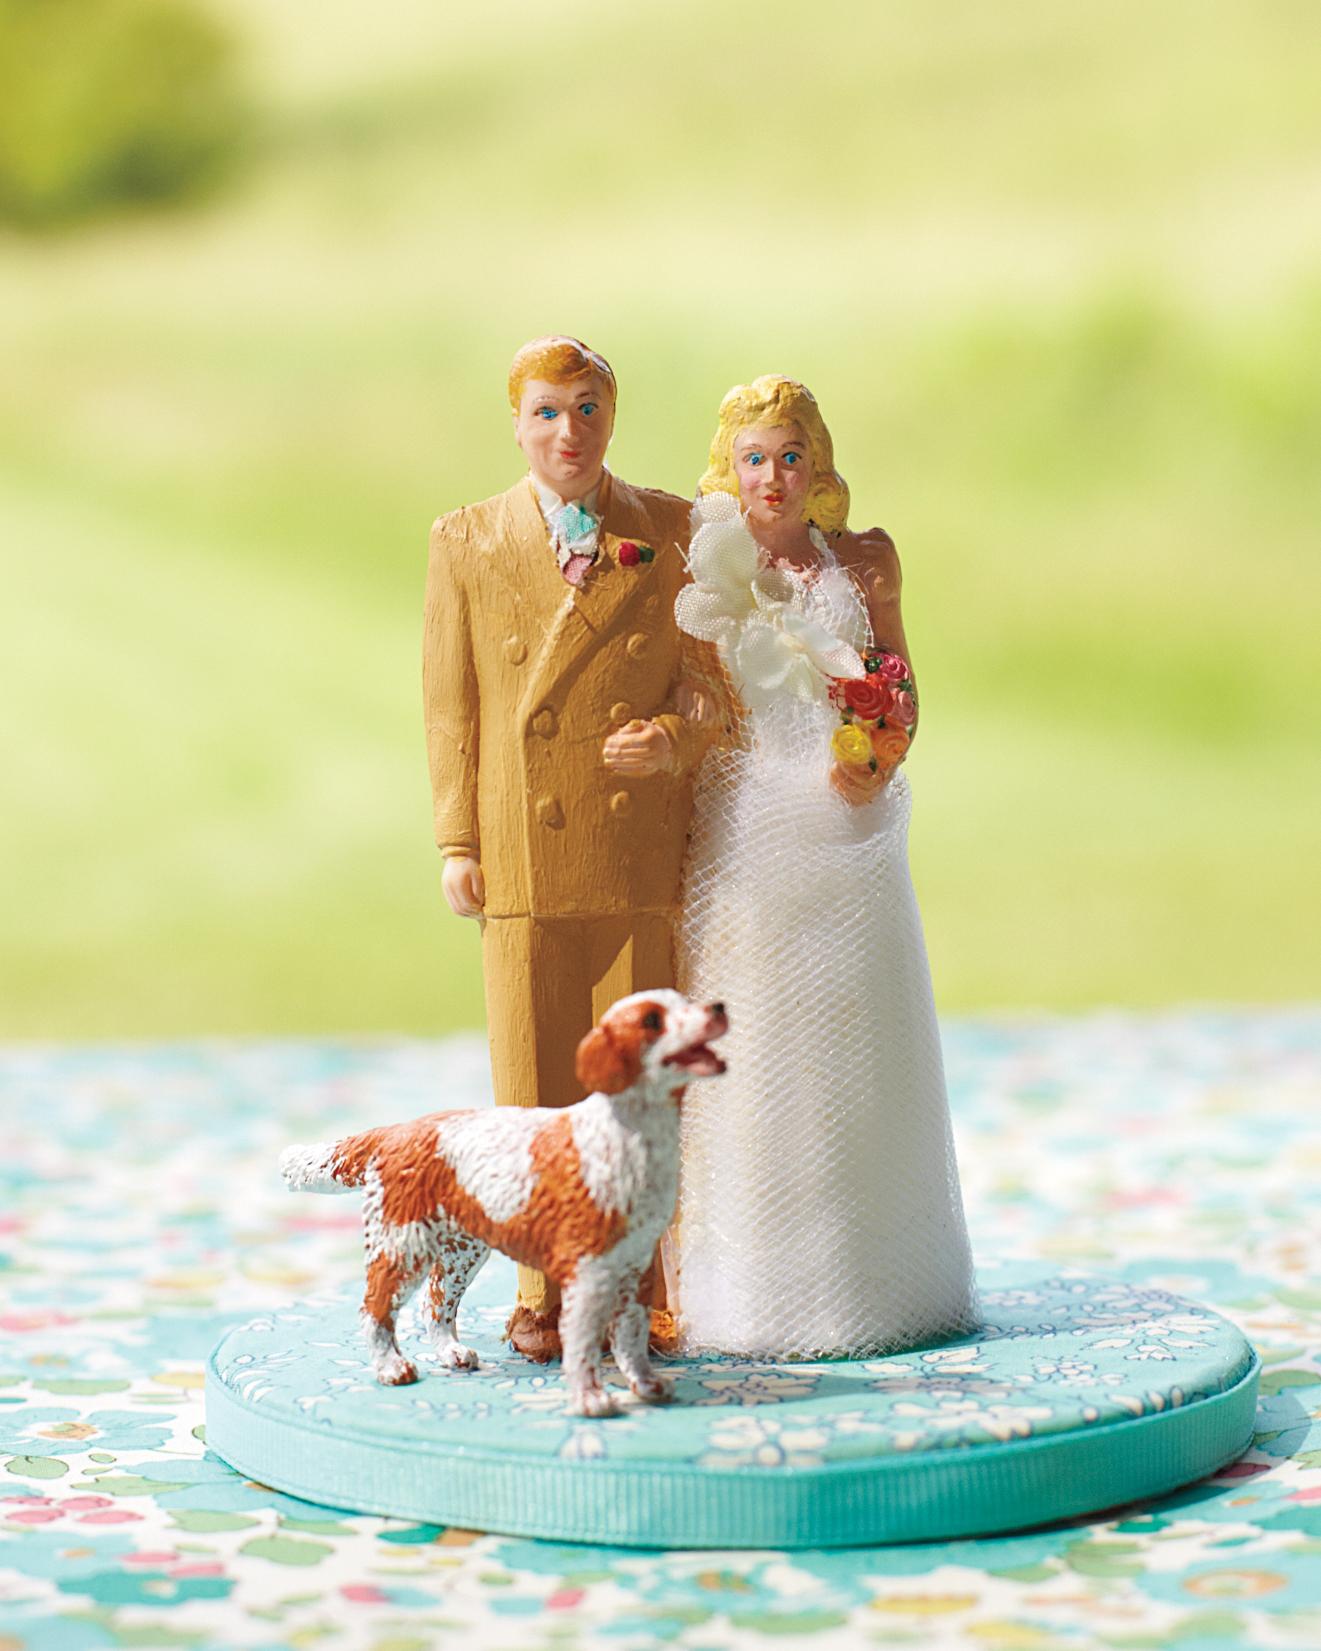 leanna-matt-wedding-cake-topper-0046-s111371.jpg